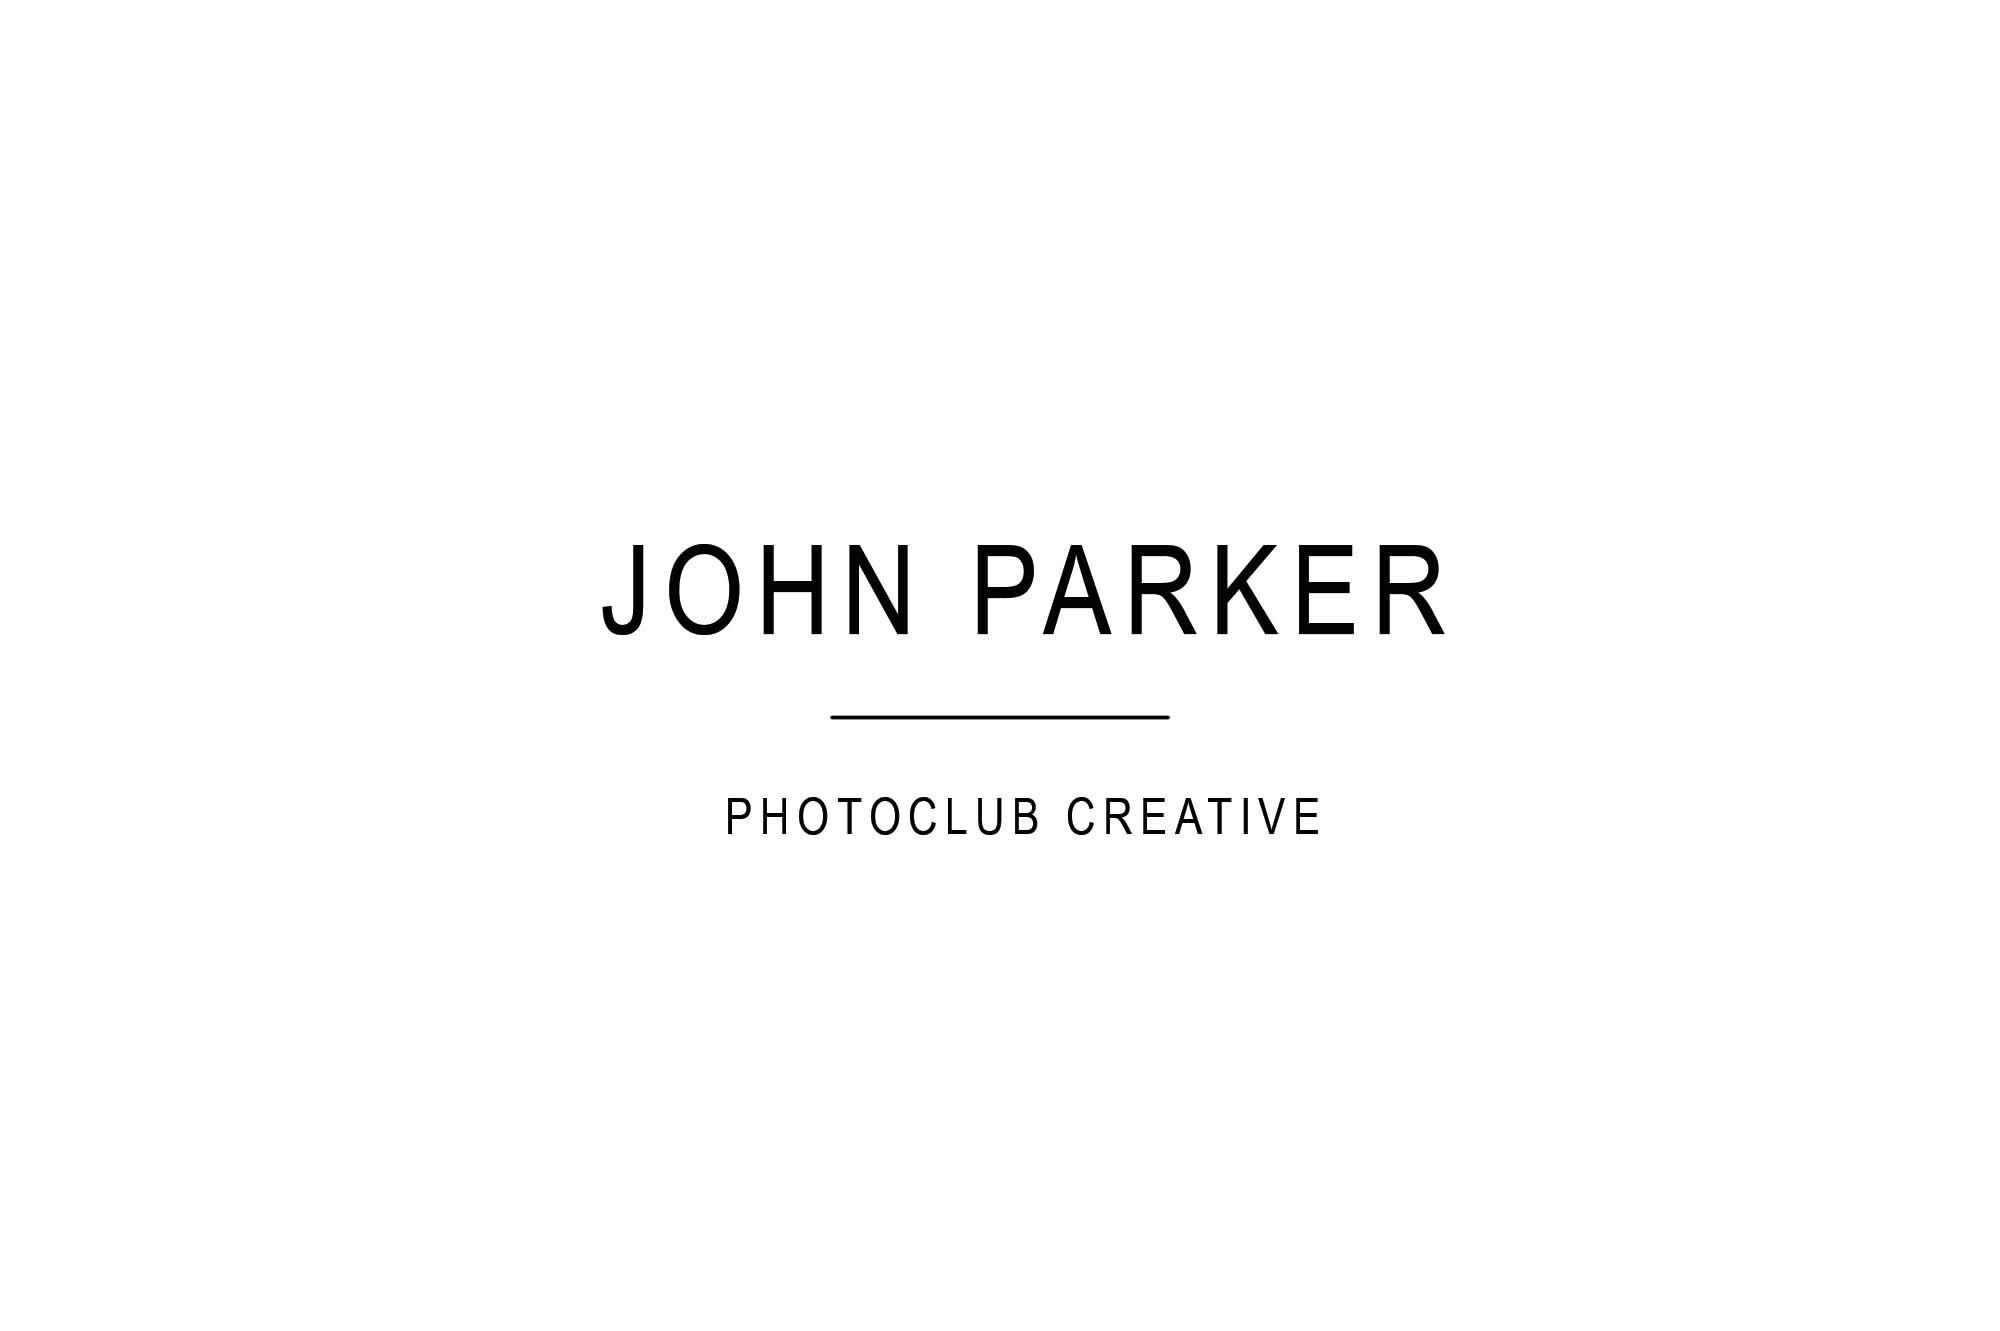 JohnParker_00_Title_WhtBg.jpg